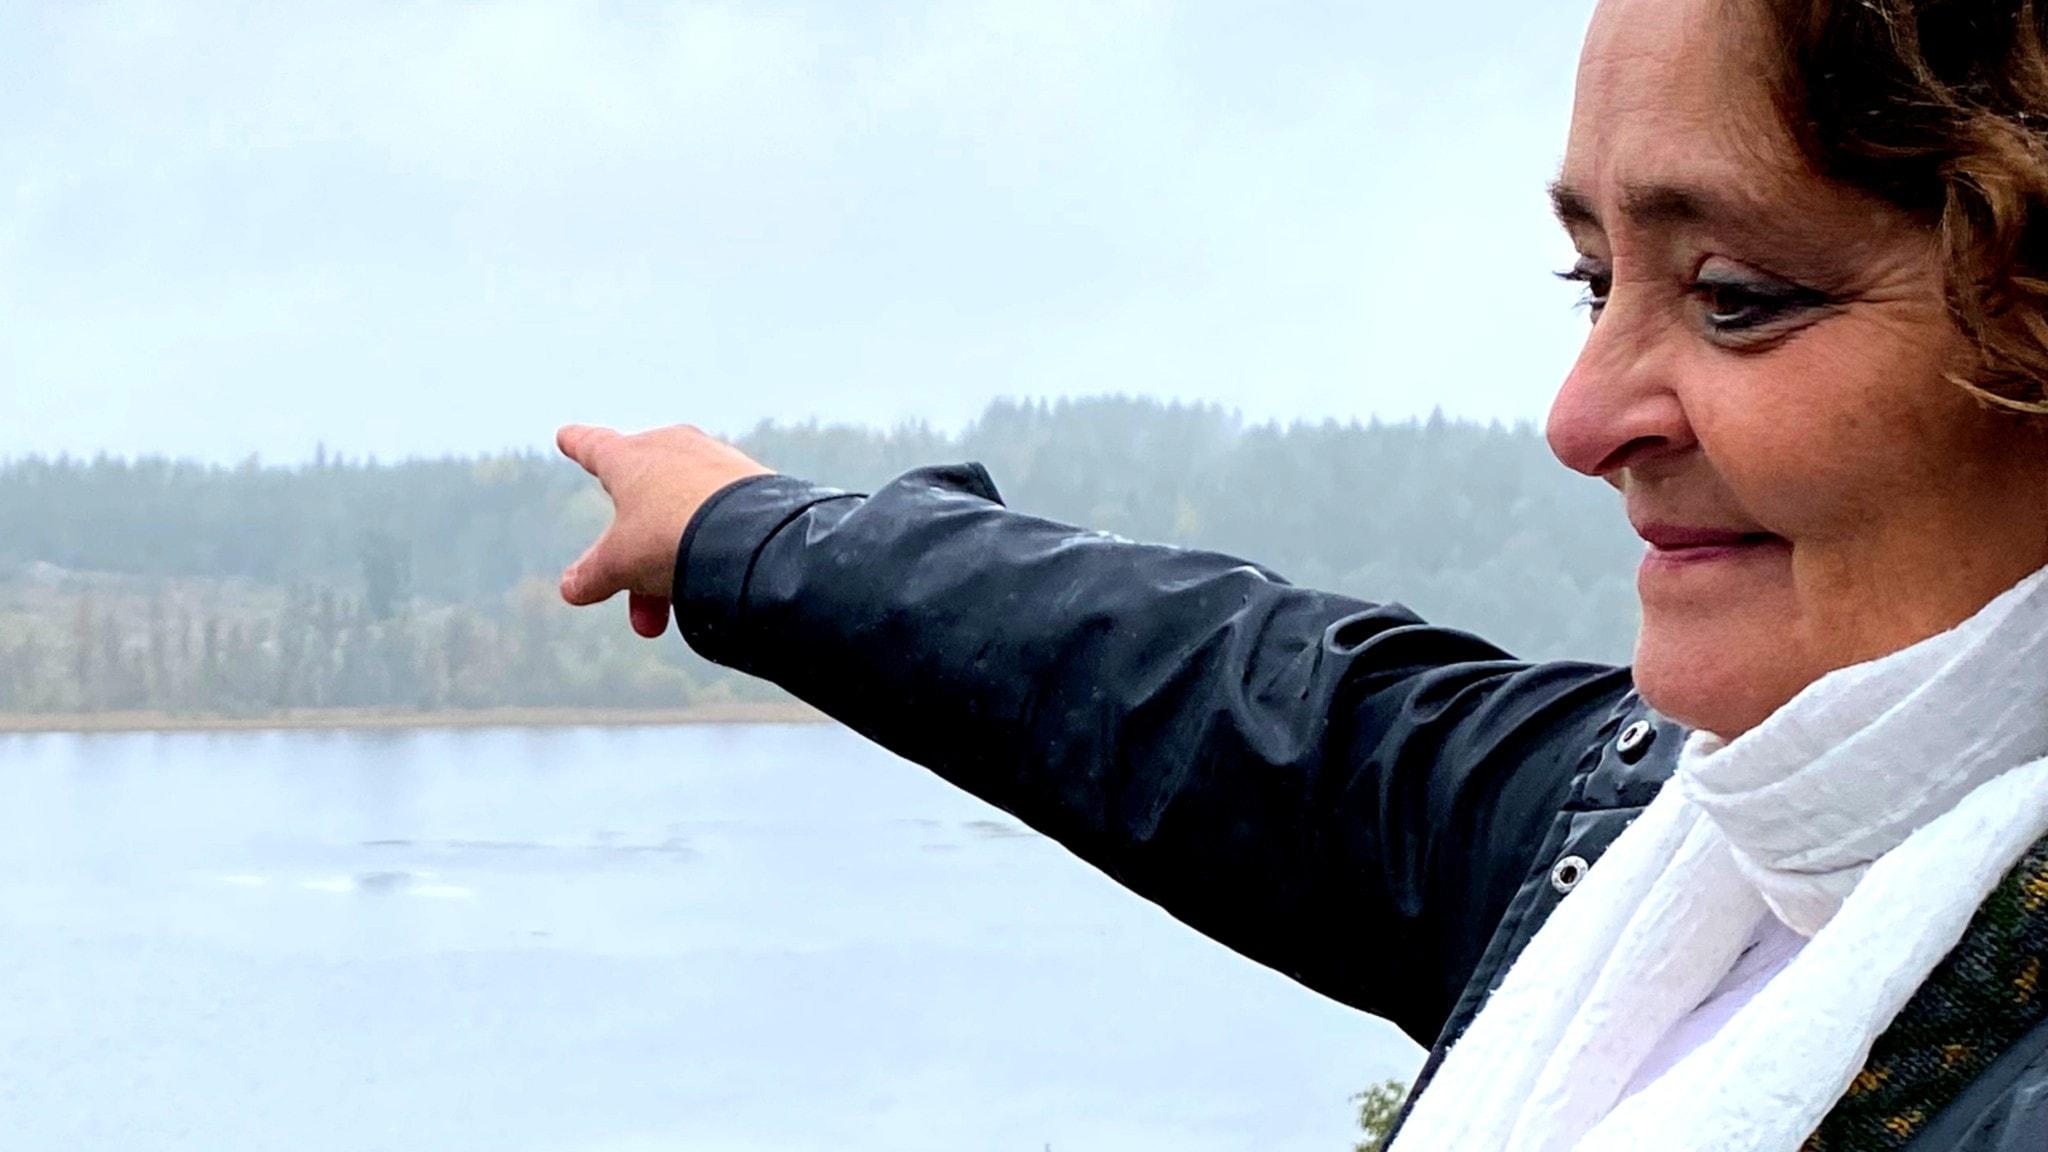 Carina Gustafsson bor nära Vättern och är ordförande i Urbergsgruppen, en av de miljöorganisationer som driver en rättslig kamp mot gruvföretaget.